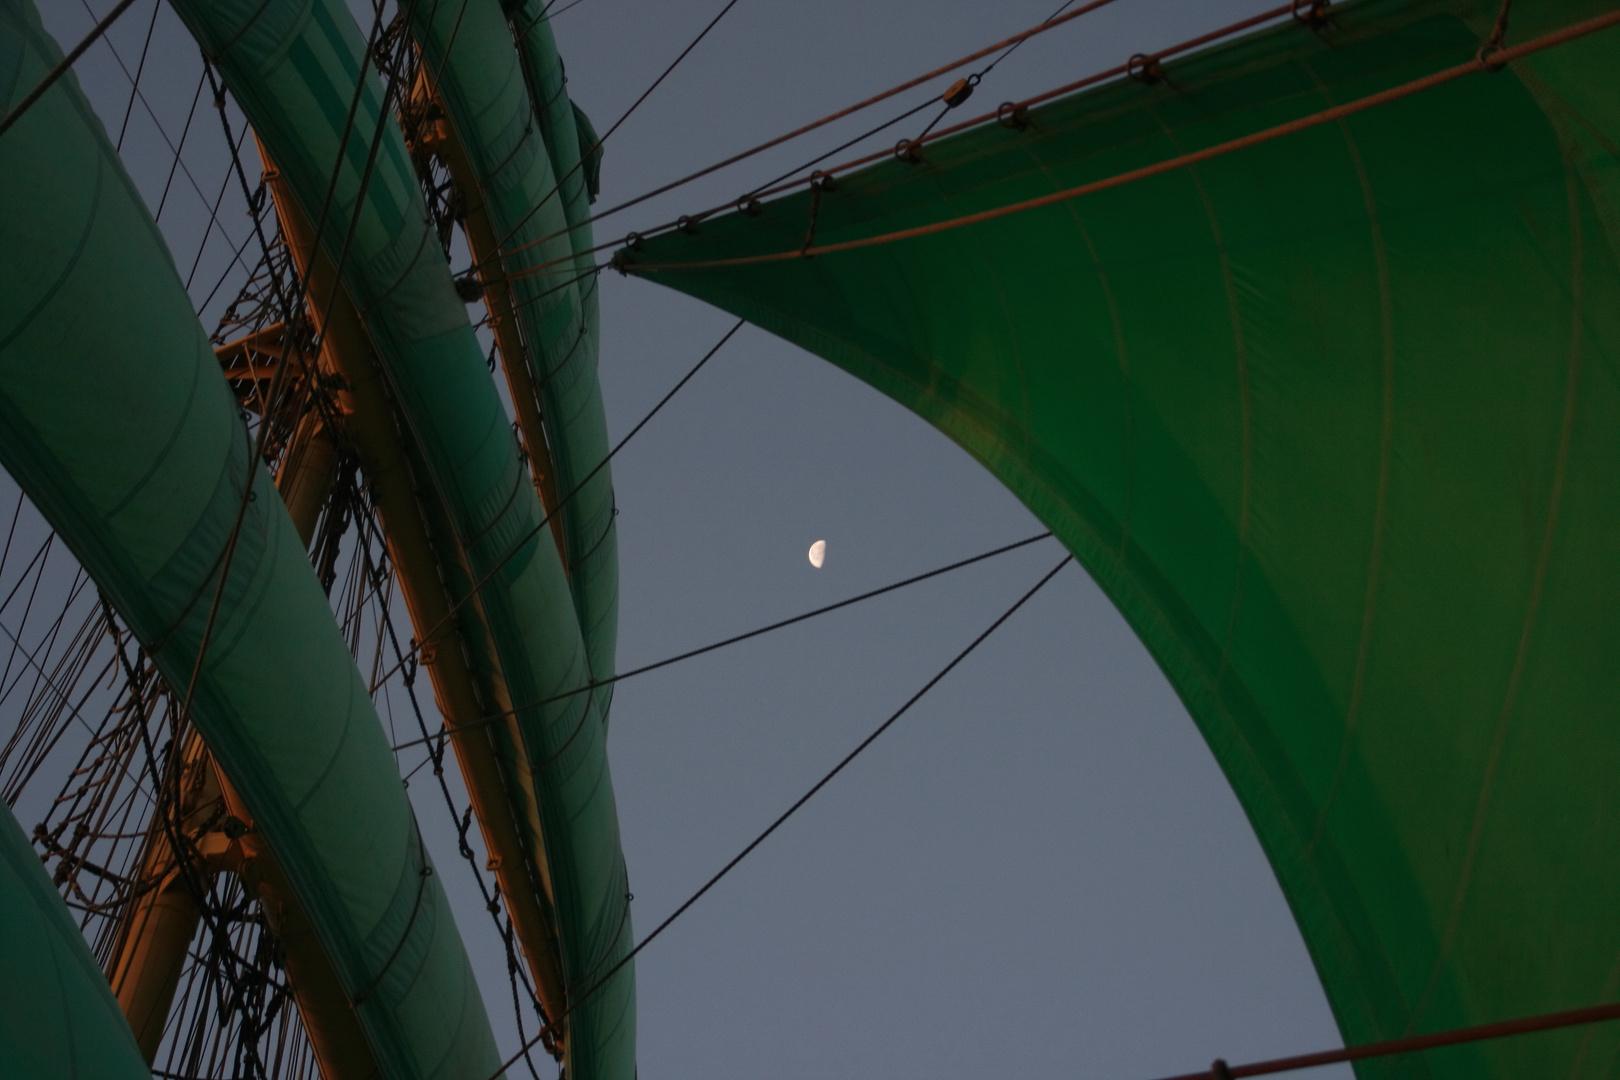 Grüne Segel bei Mondschein